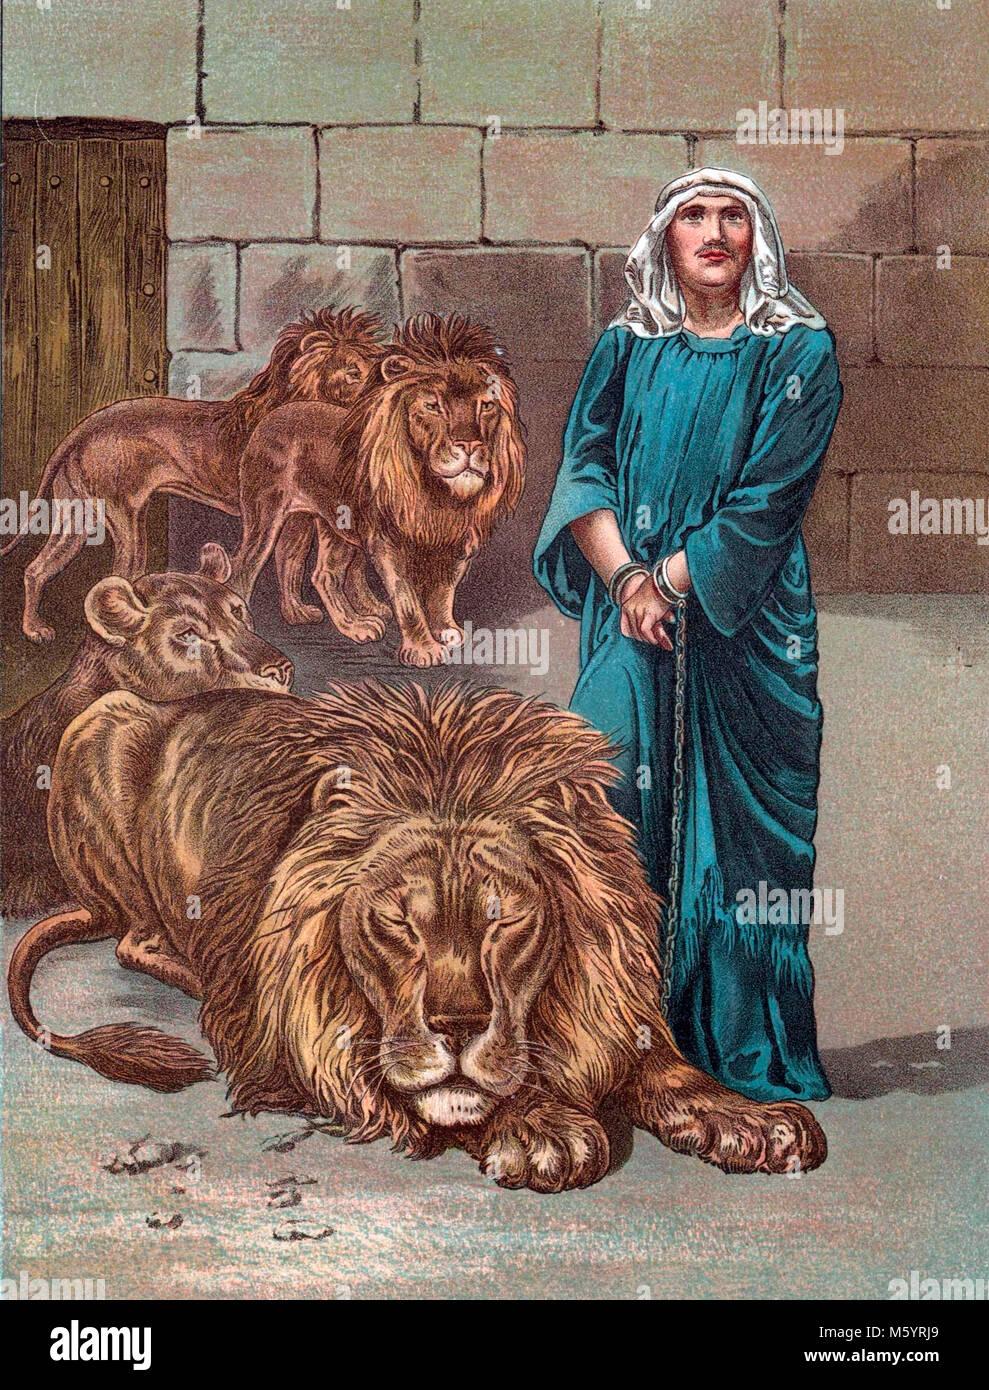 Daniel In The Lions Den Imágenes De Stock & Daniel In The Lions Den ...